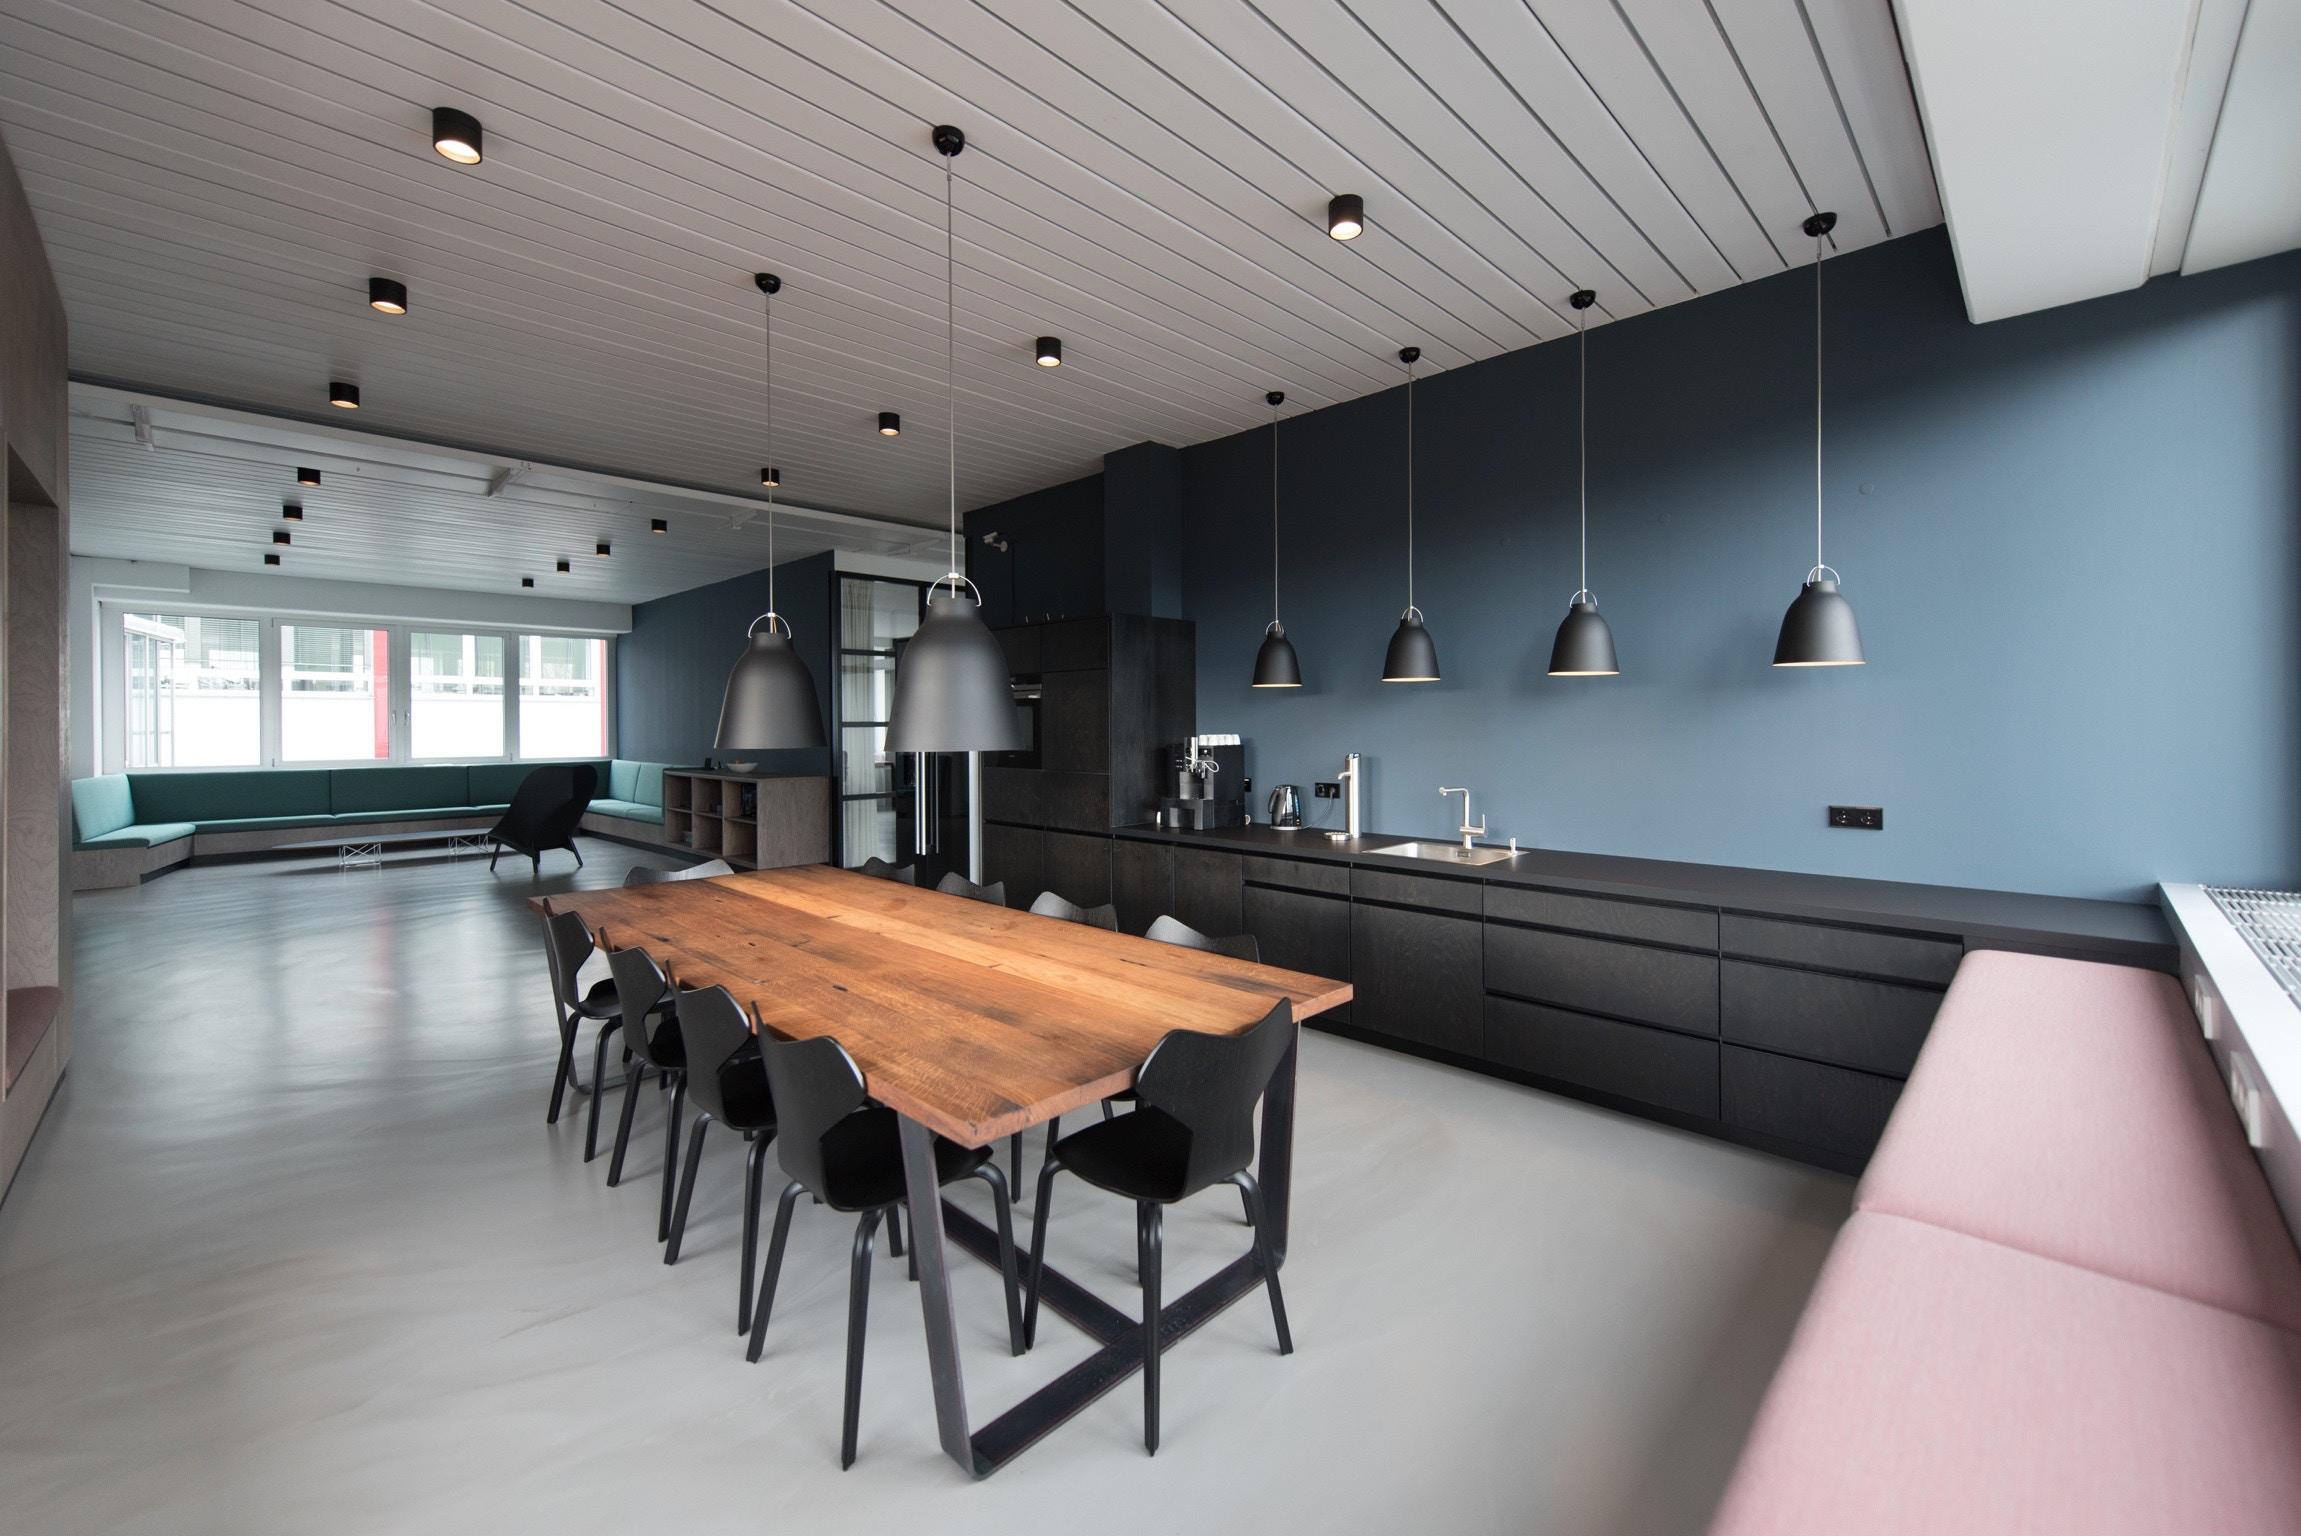 Wohnung_mieten_wohnung_kaufen_in Kestenholz_Gemeinschaftsraum.jpg